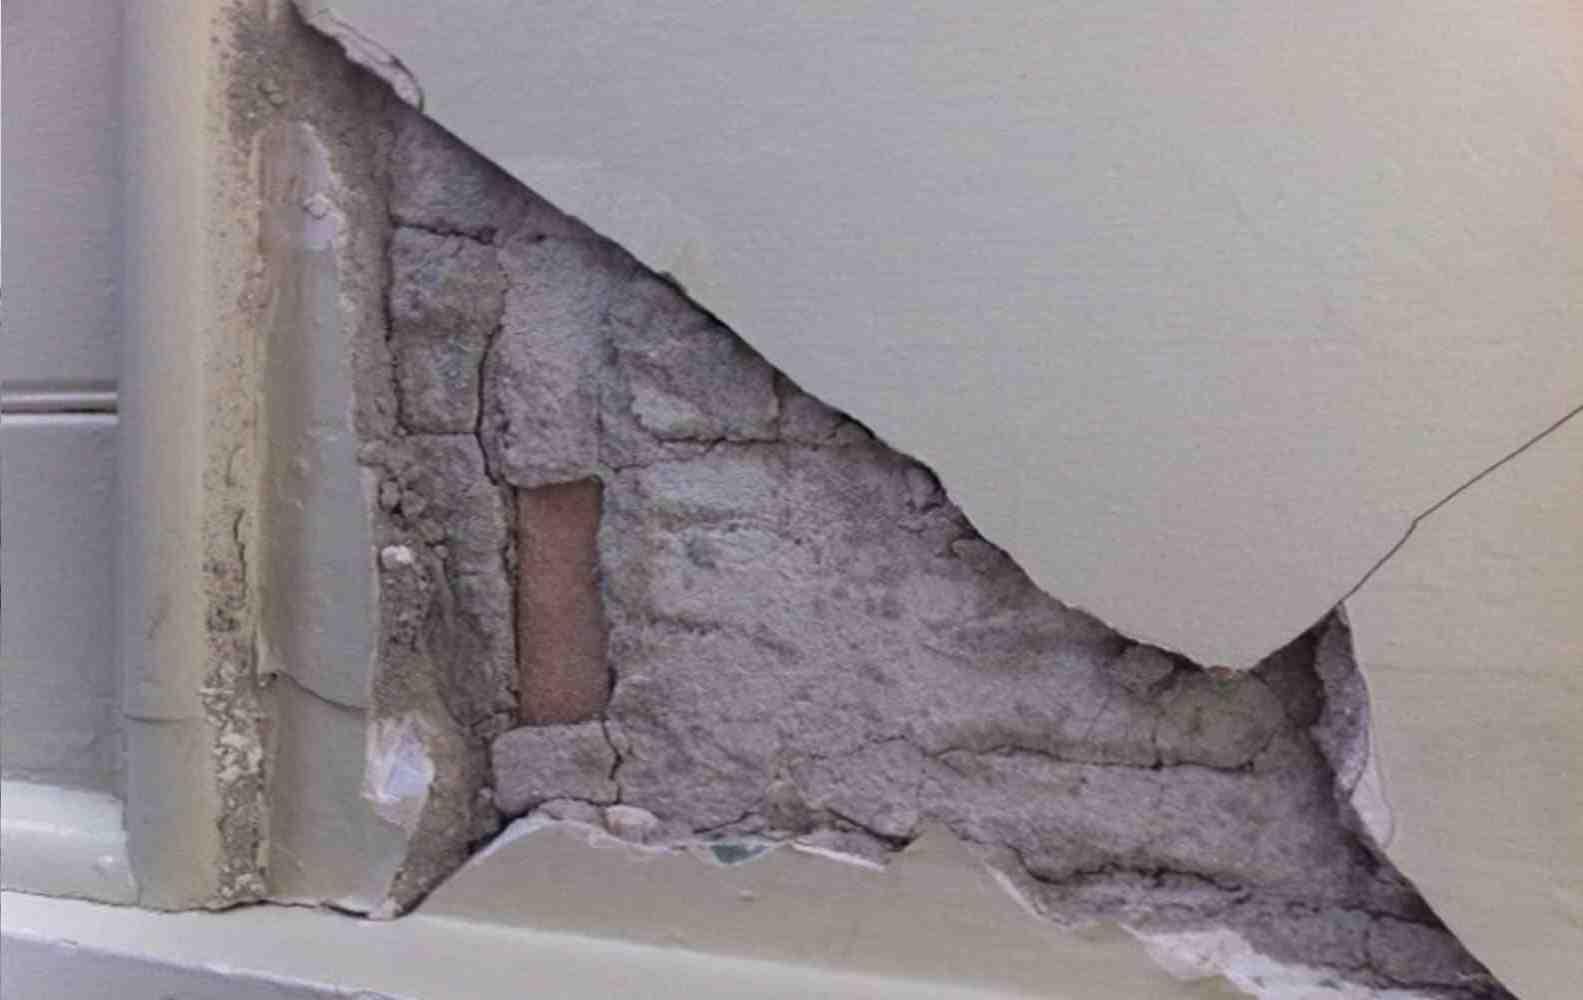 ¿Cómo se hace para remover asbesto?